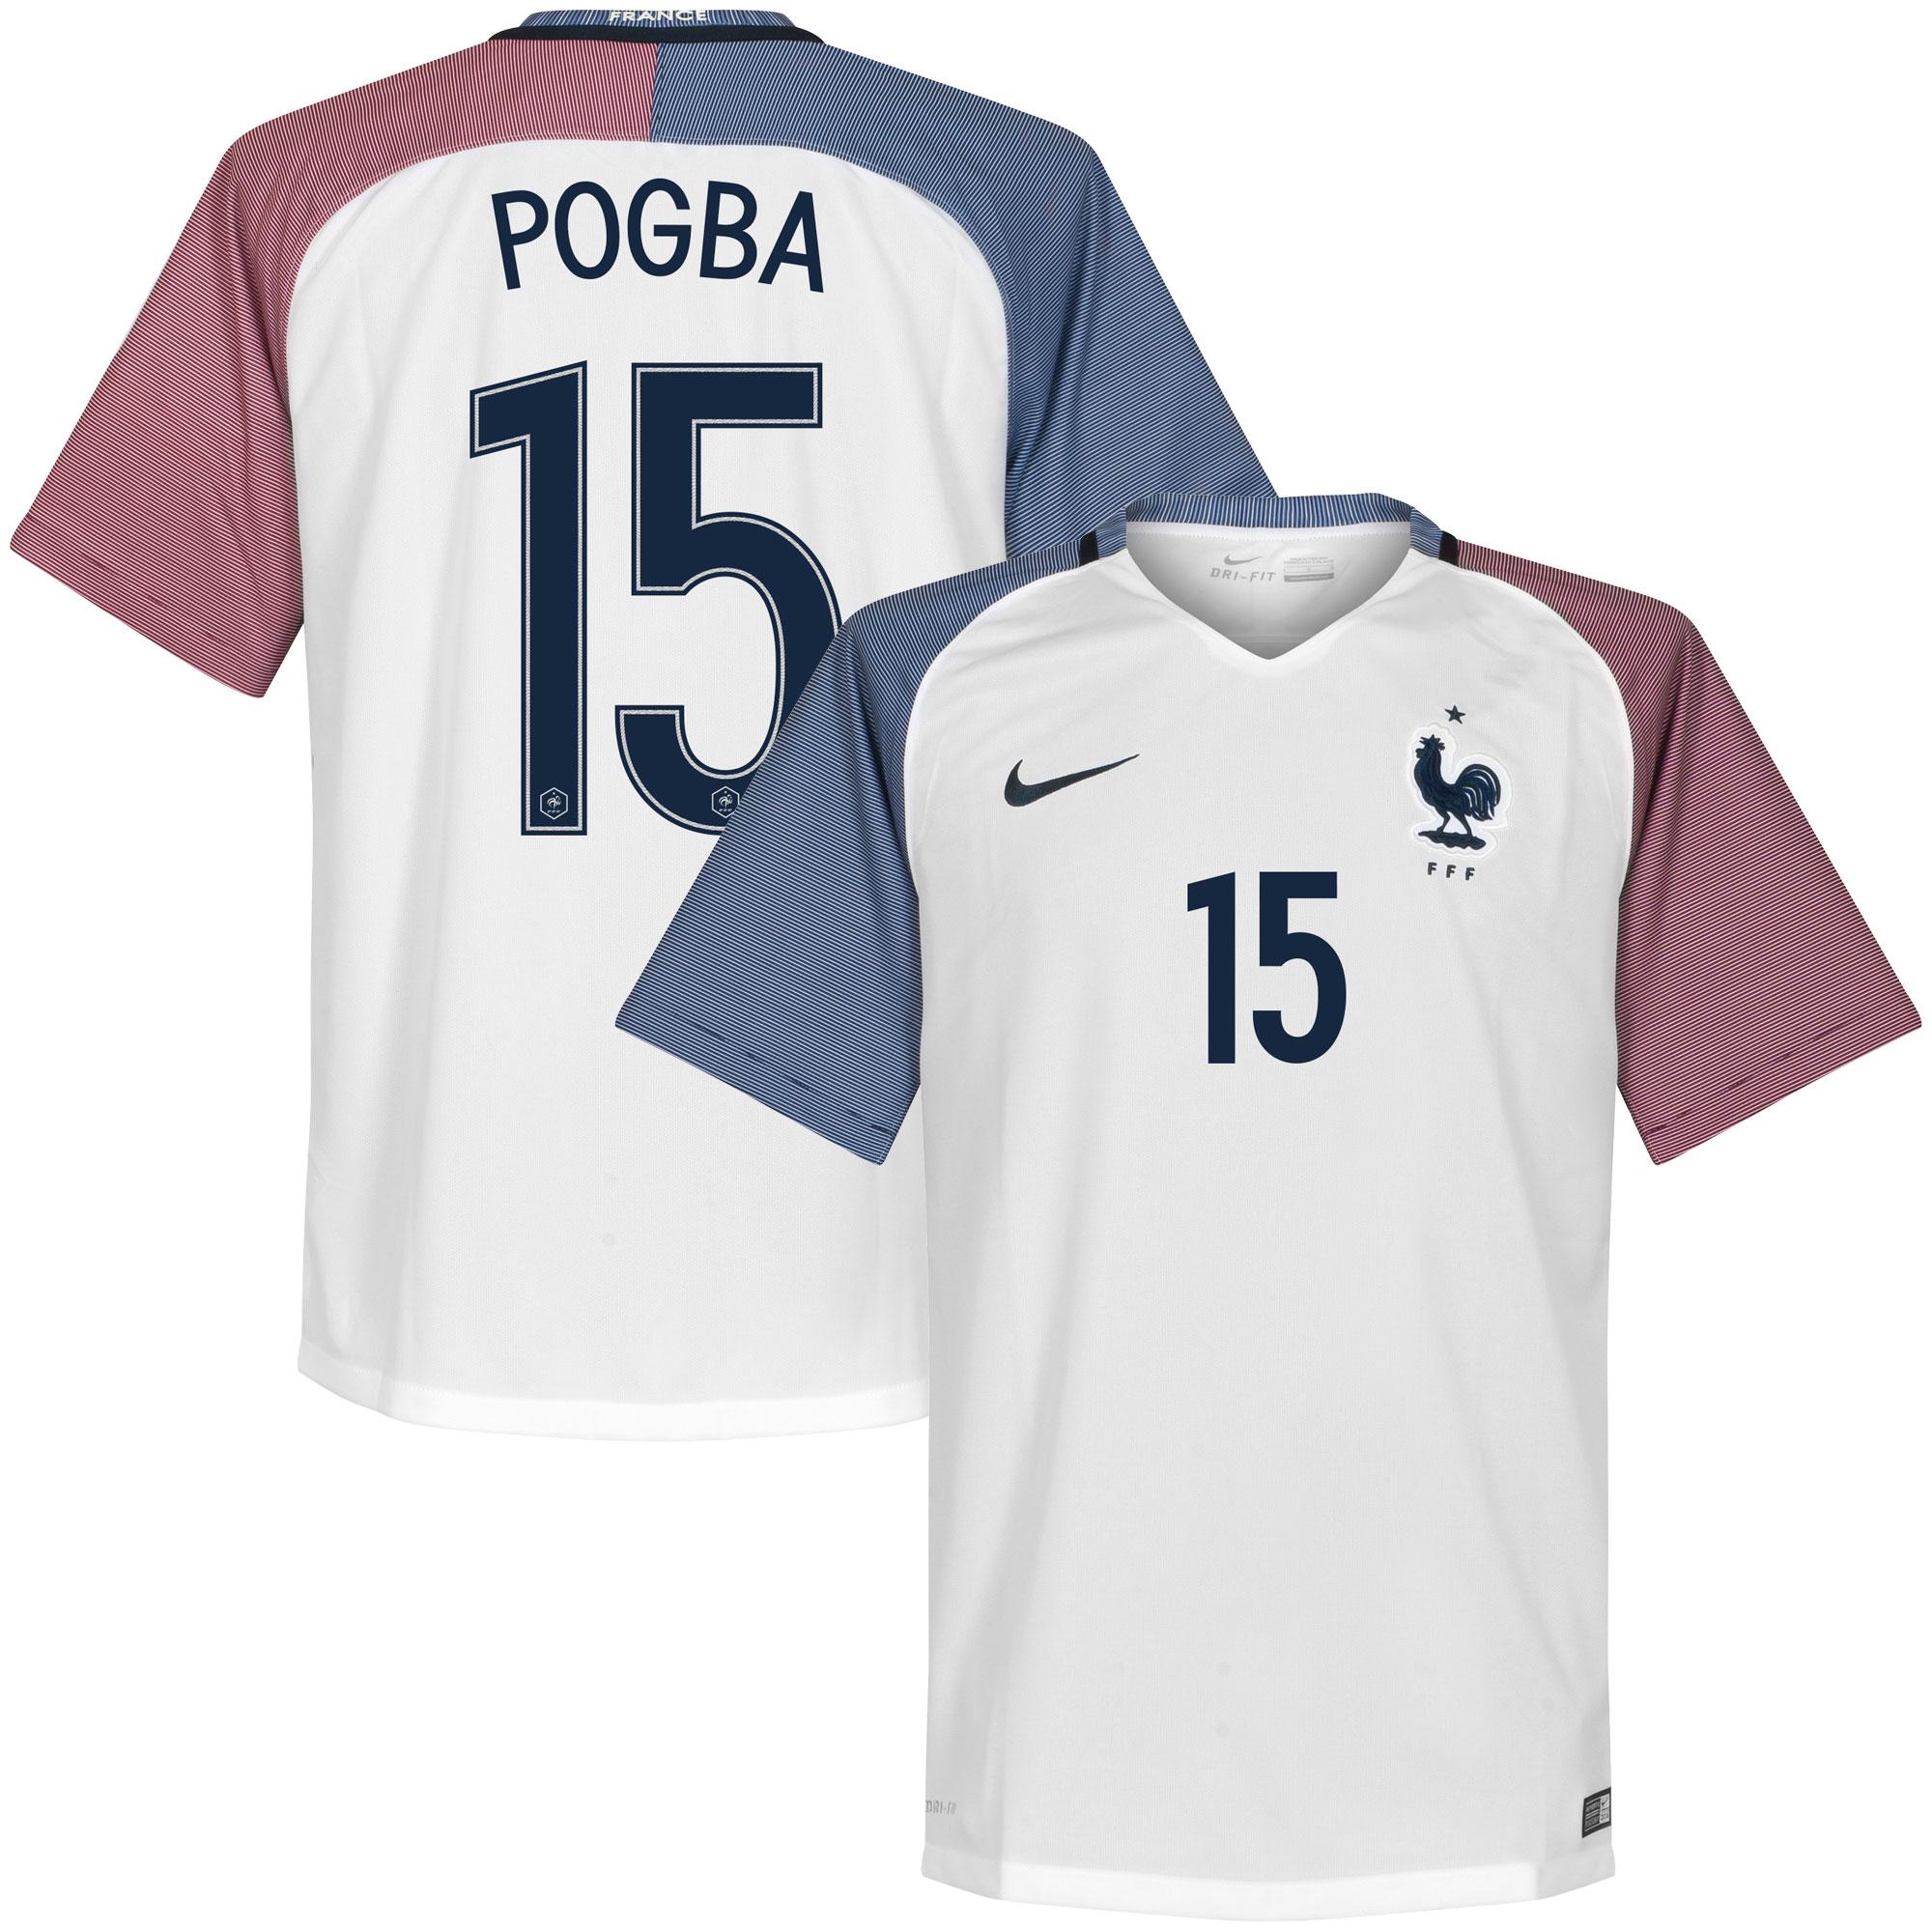 France Away Pogba Jersey 2016 / 2017 - L